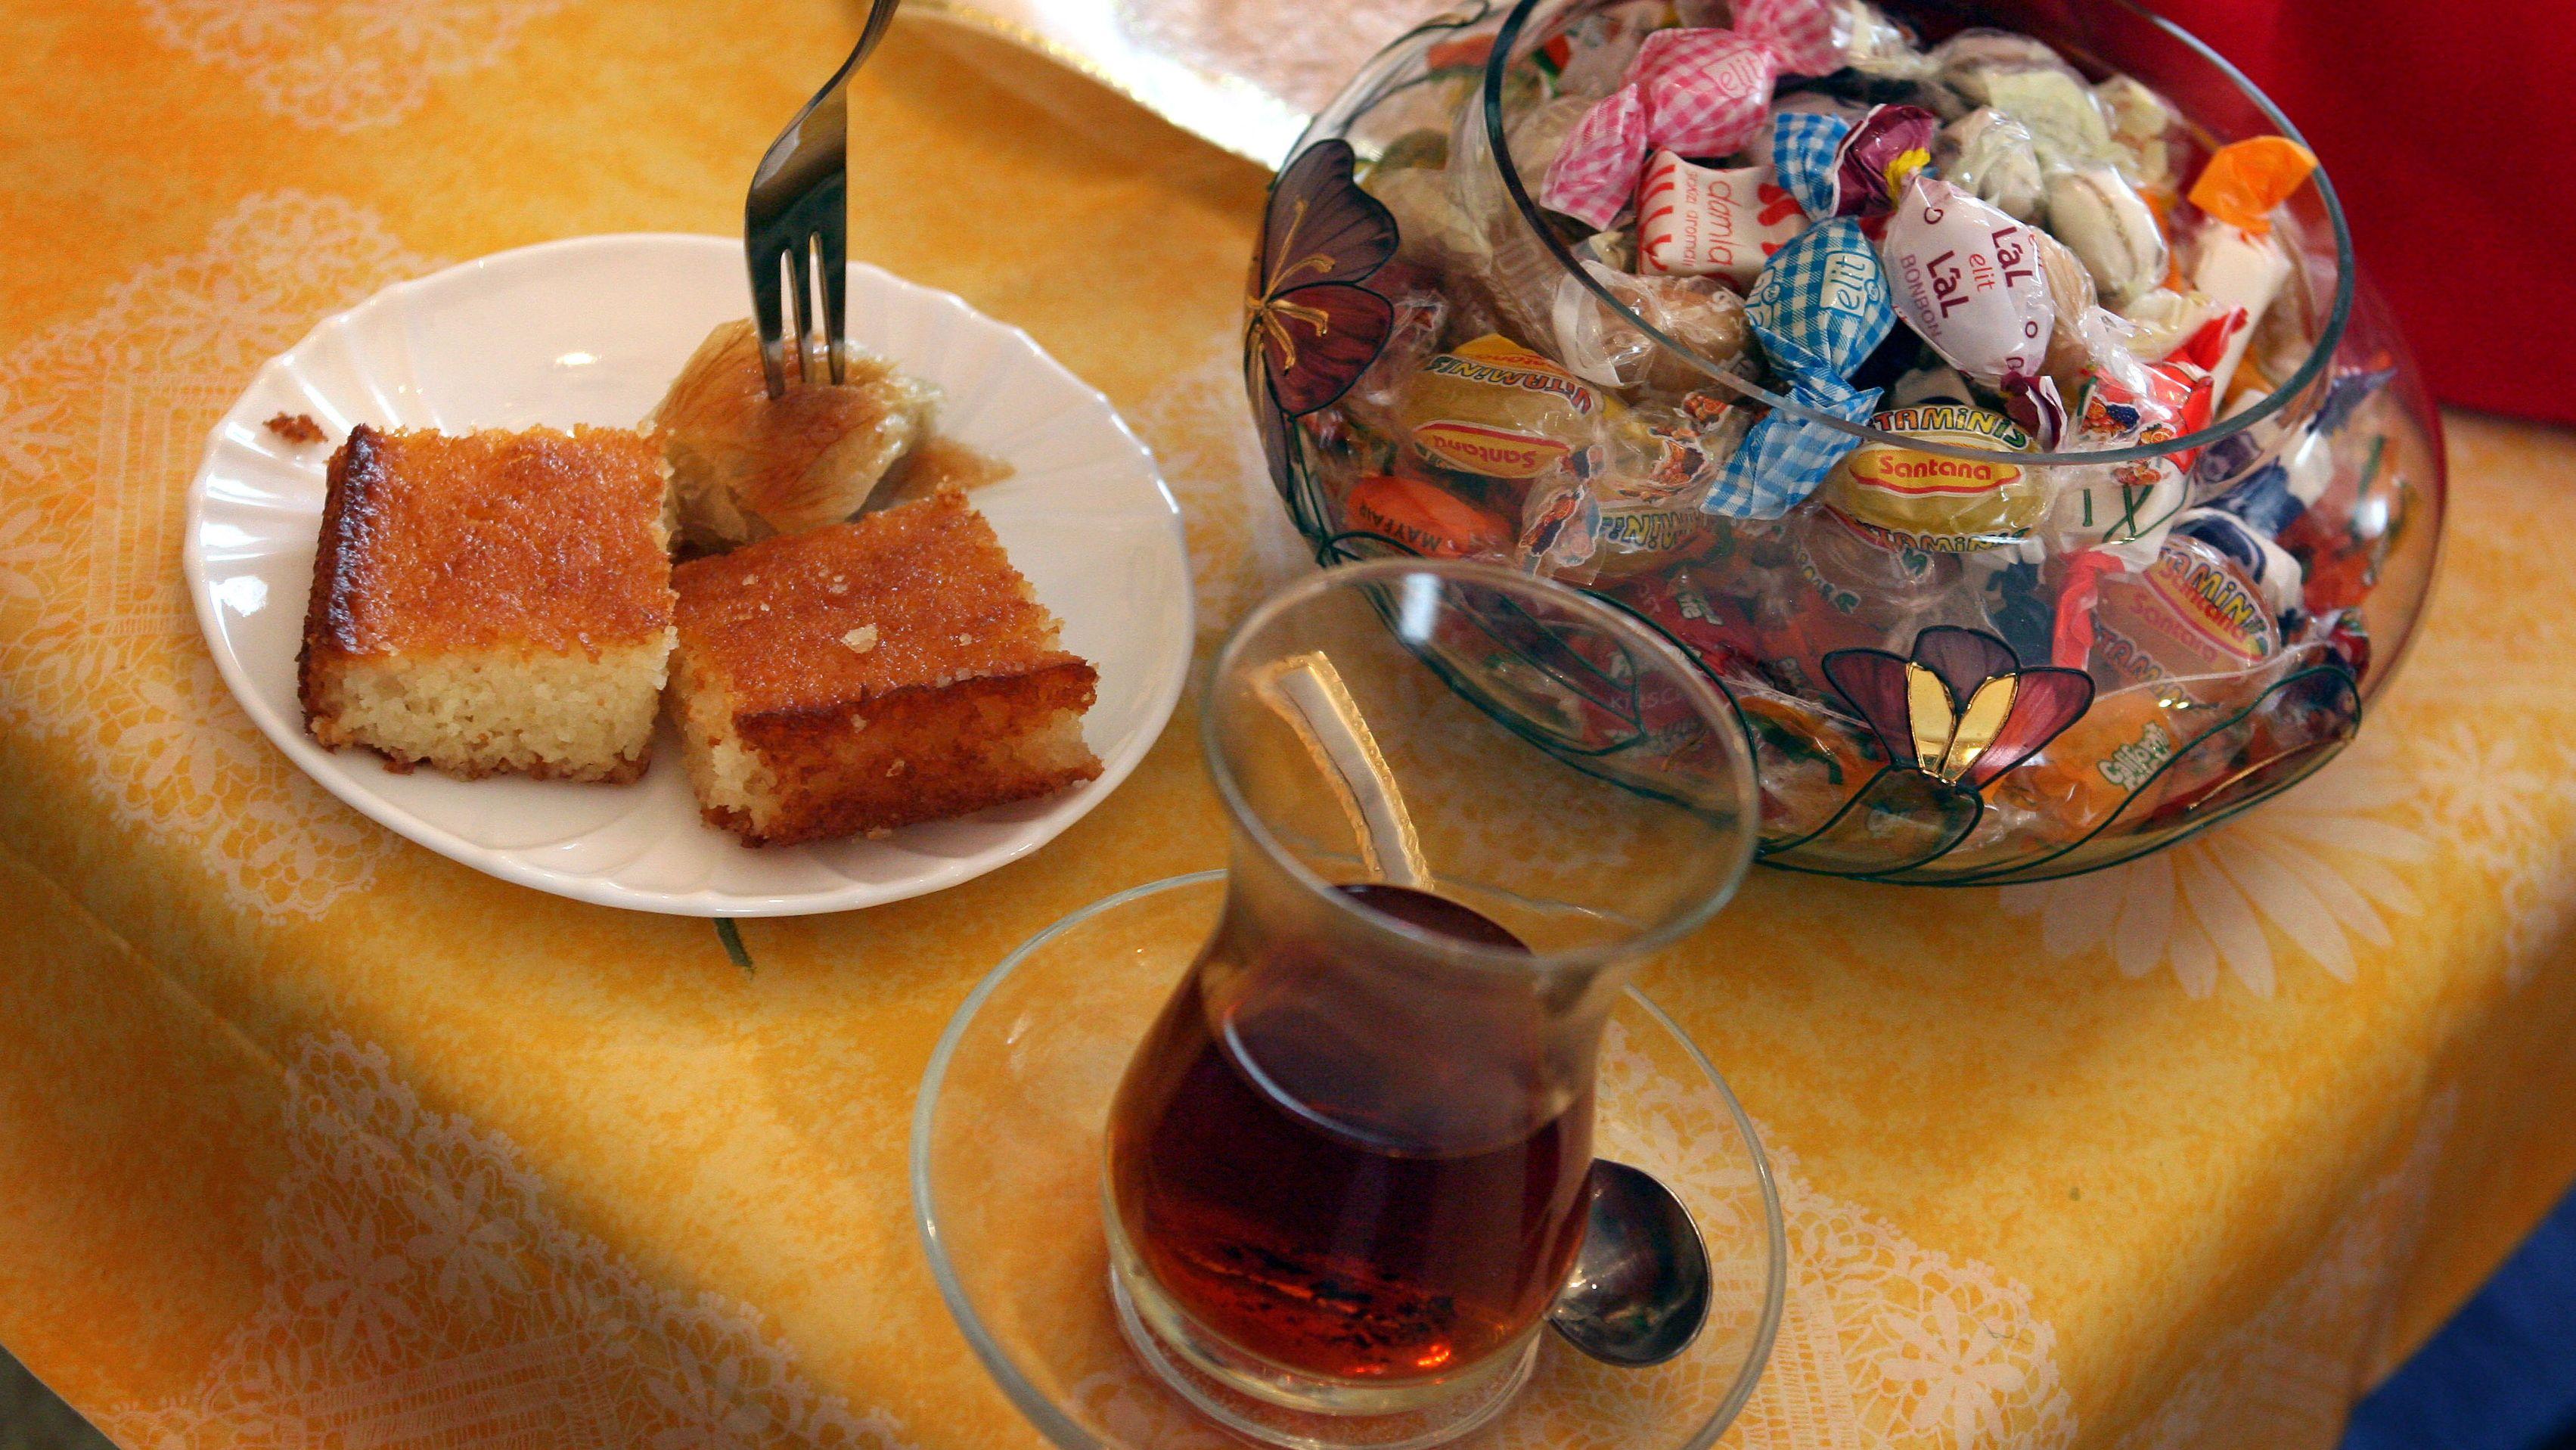 Mit Tee und Süßigkeiten wird, neben vielen weiteren Spezialitäten, das Zuckerfest gefeiert.